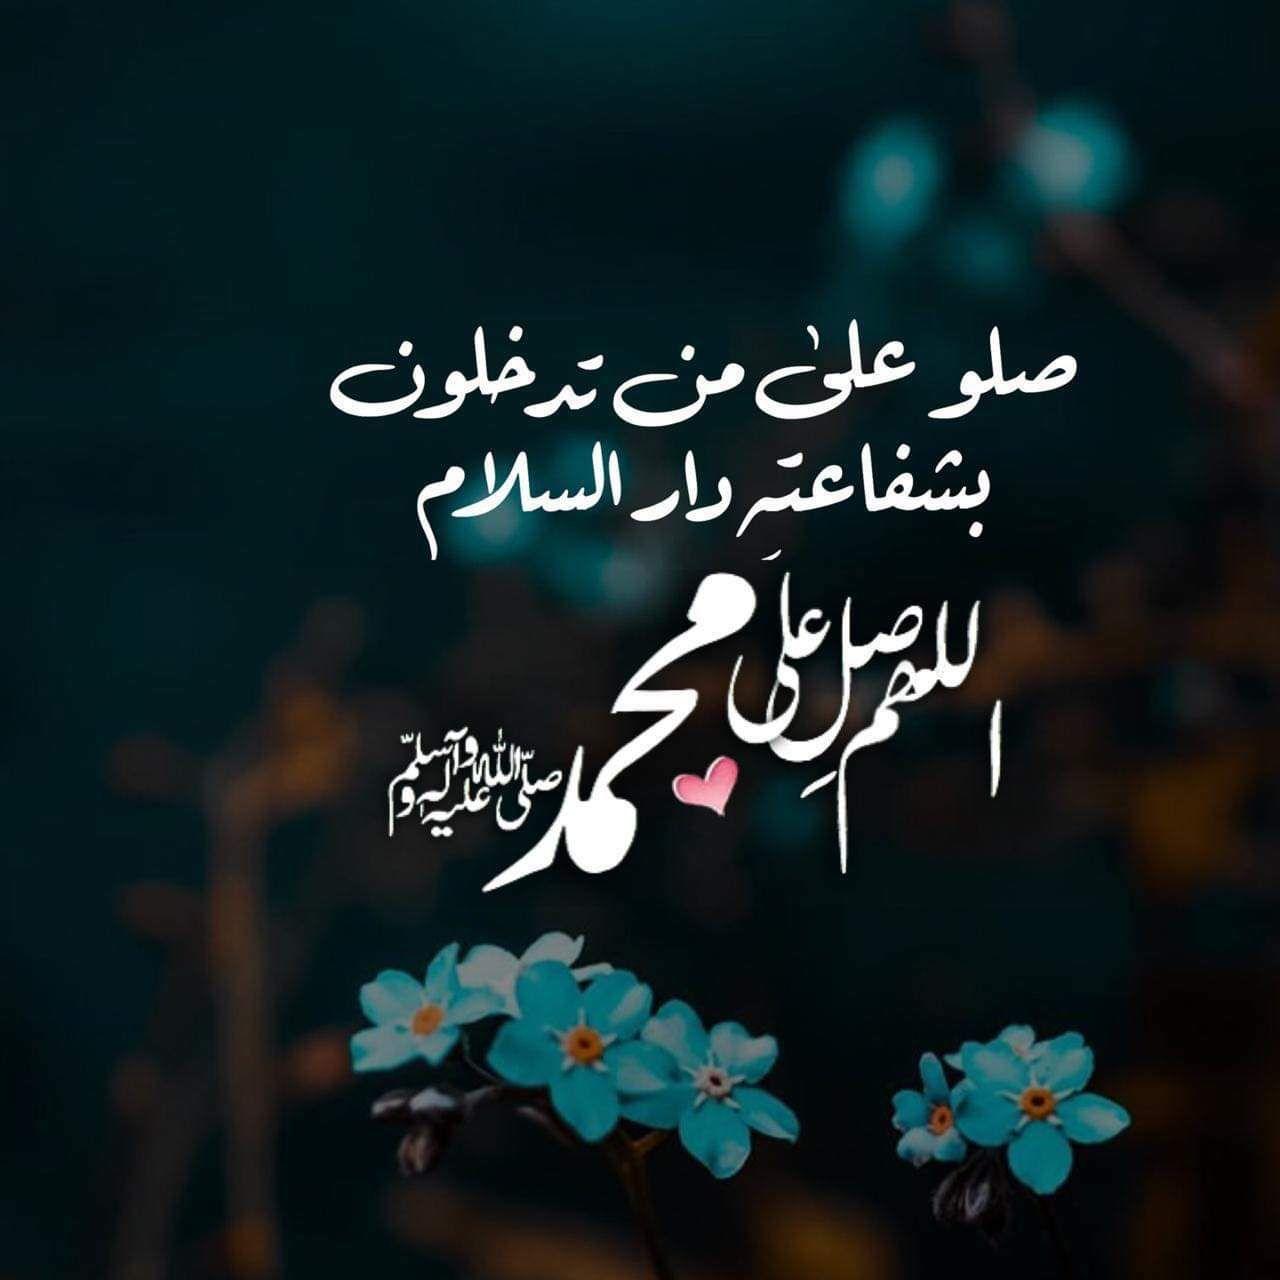 دعاء قصير Islamic Quotes Arabic Quotes Words Quotes